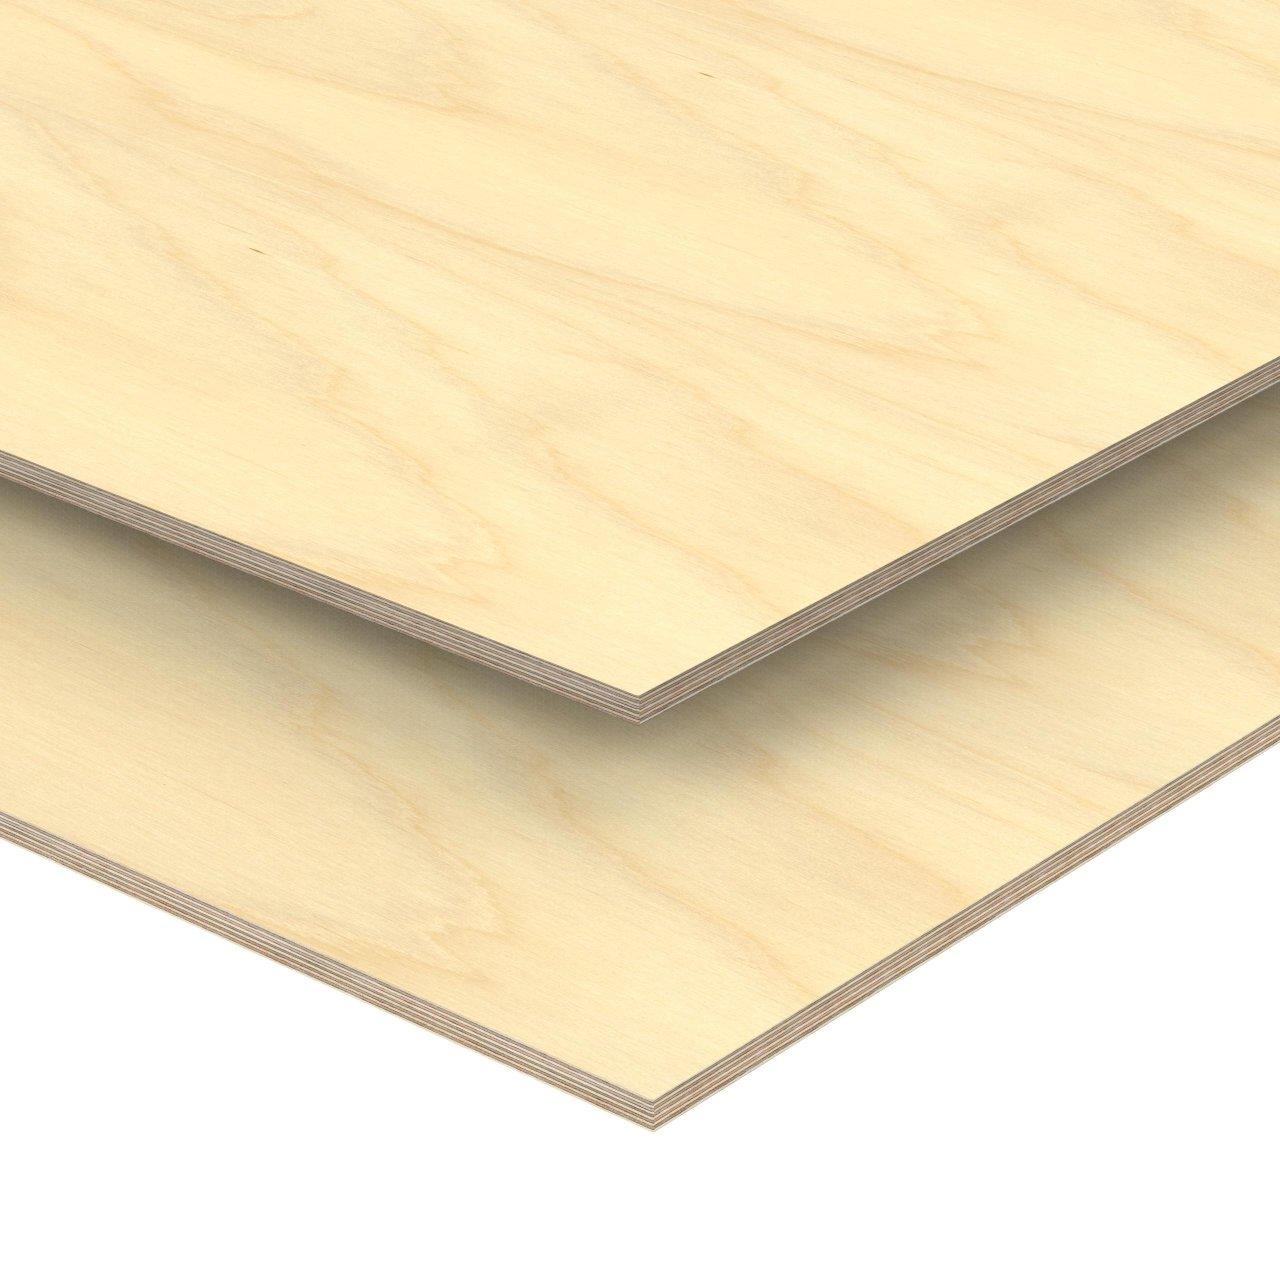 Massivholz naturbelassen 15 mm Wasserfest nach Maß Siebdruckplatten Zuschnitt